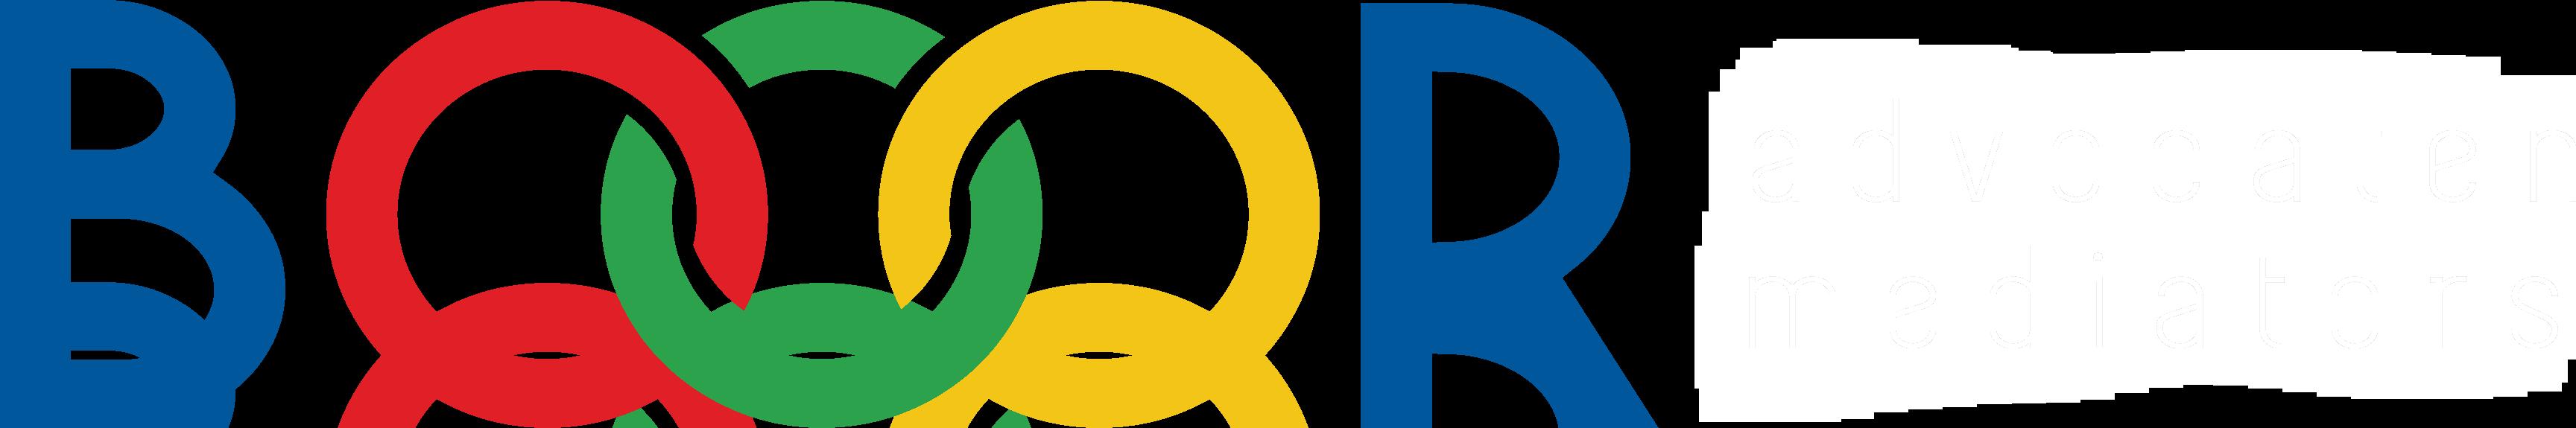 booor logo